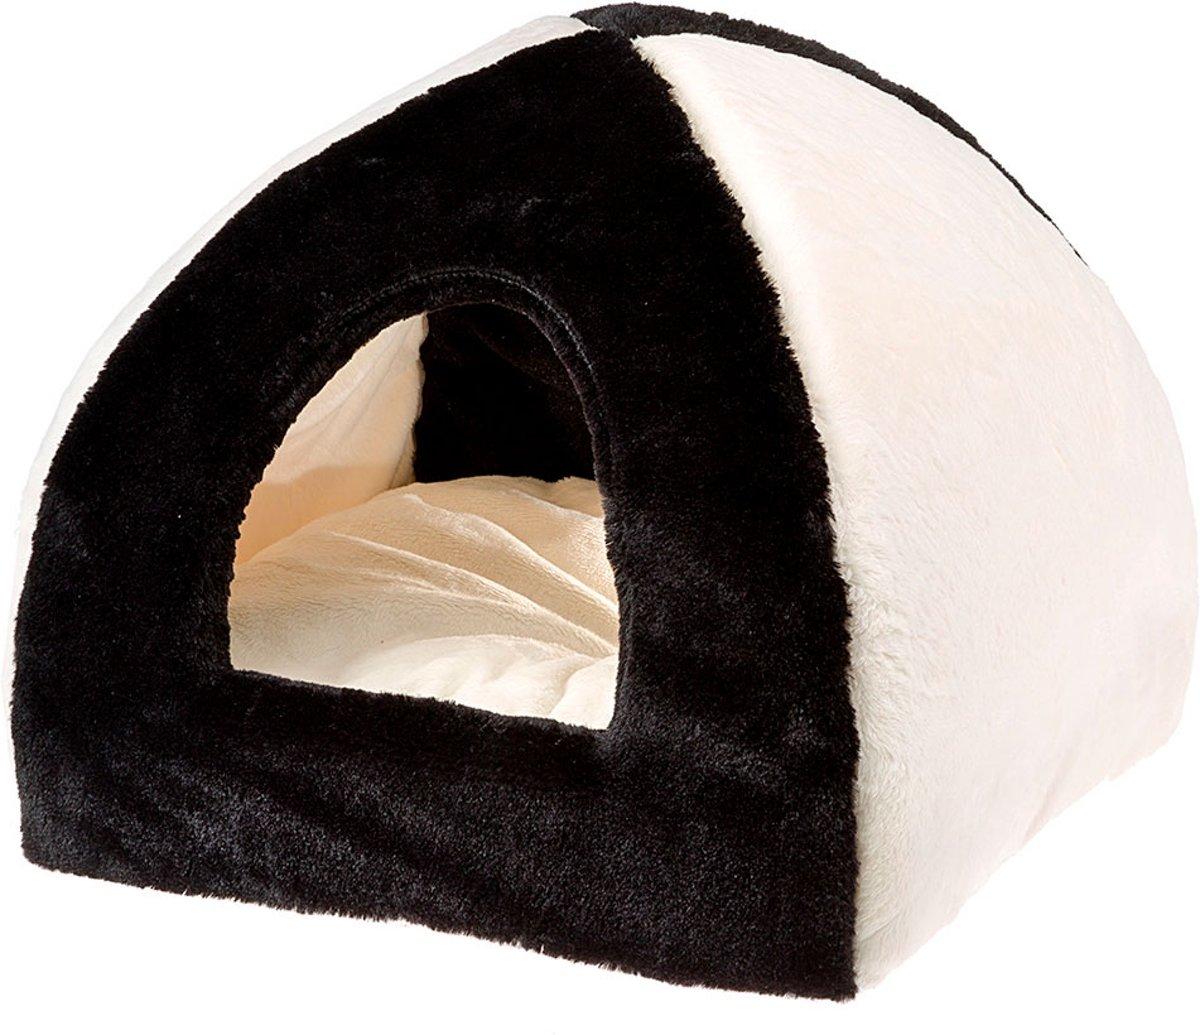 Ferplast - TIPI - Medium Soft - Zwart - 42 x 42 x h 36 cm